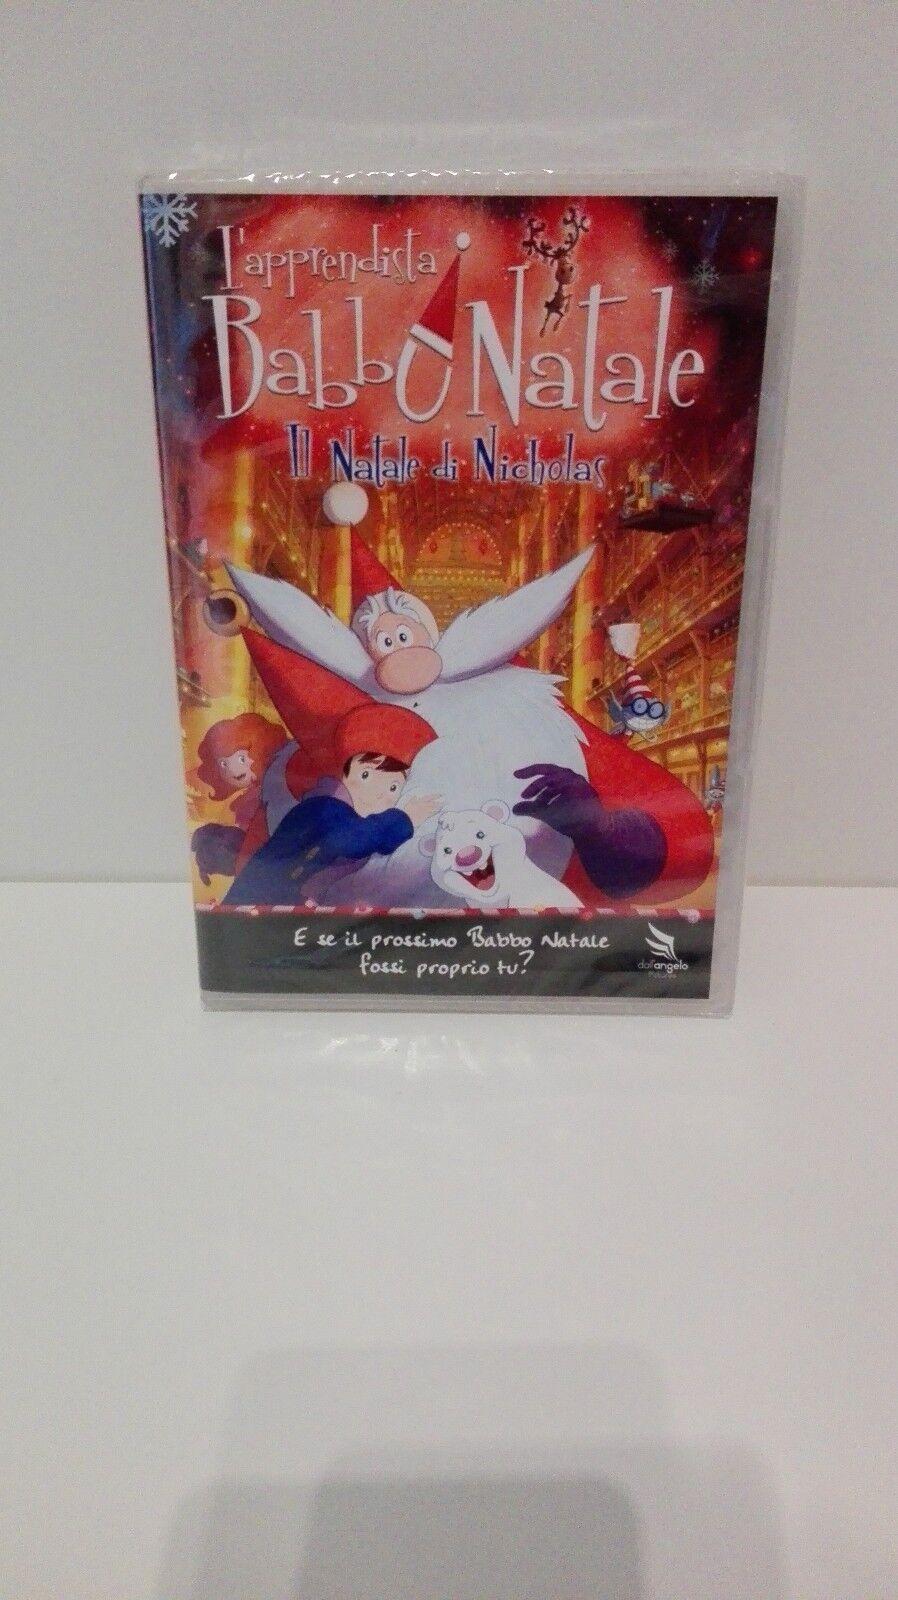 L Apprendista Di Babbo Natale.L Apprendista Di Babbo Natale 2010 Dvd Acquisti Online Su Ebay